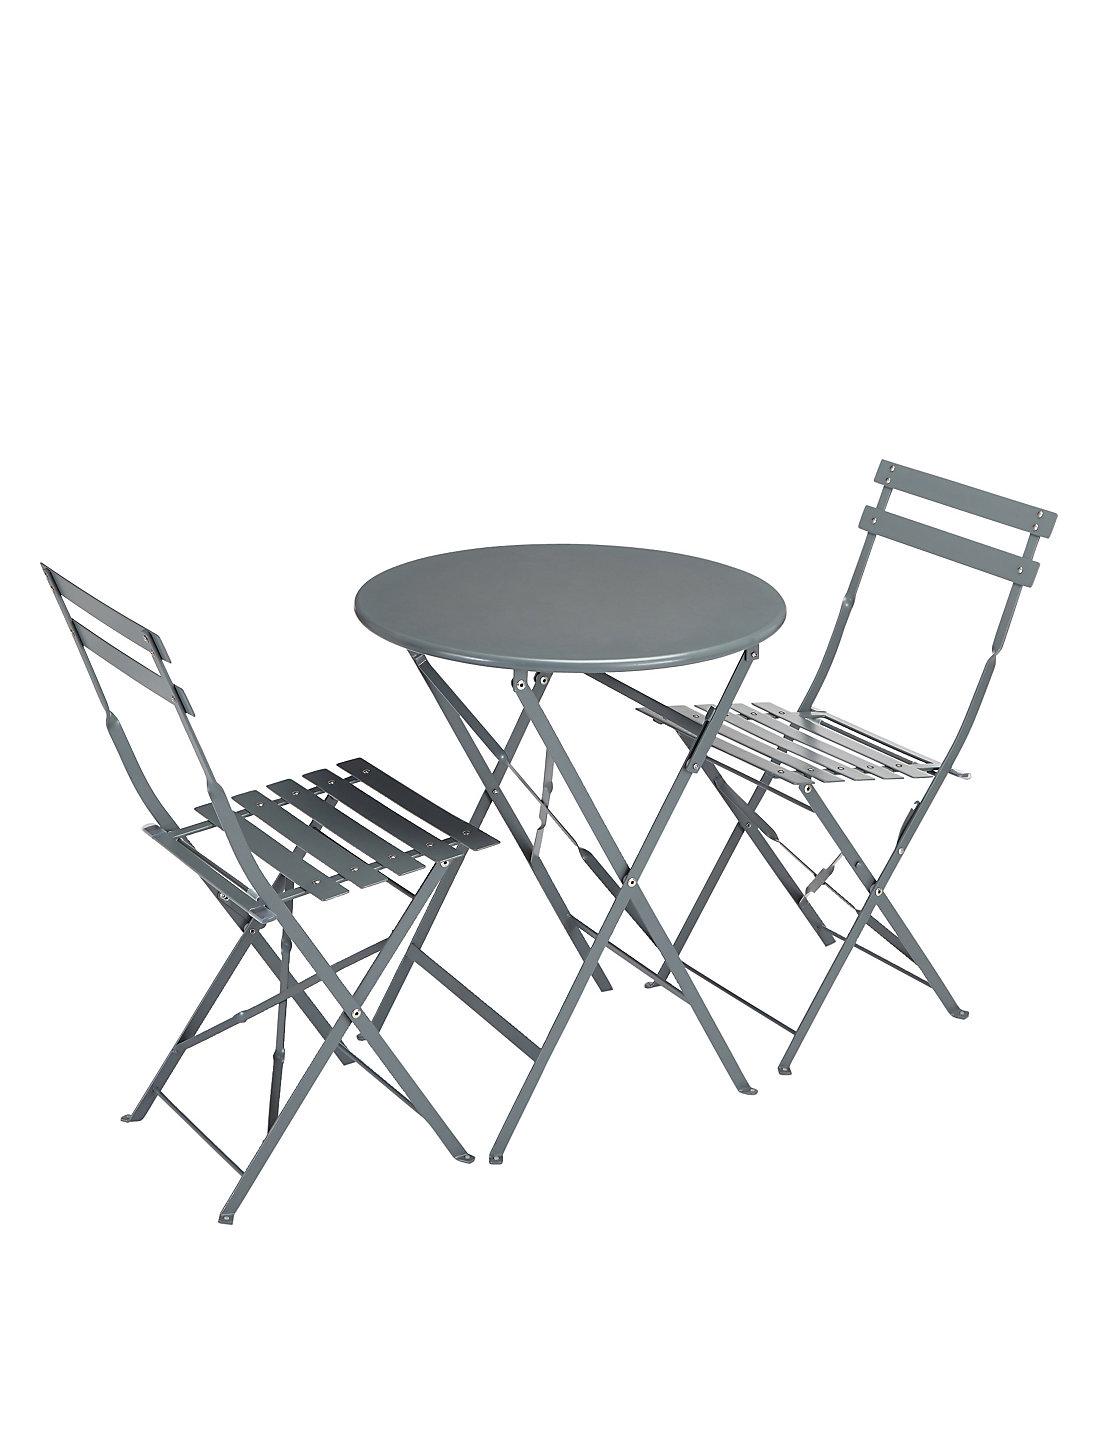 Cortado Round Table U0026 2 Chairs   Grey Part 58